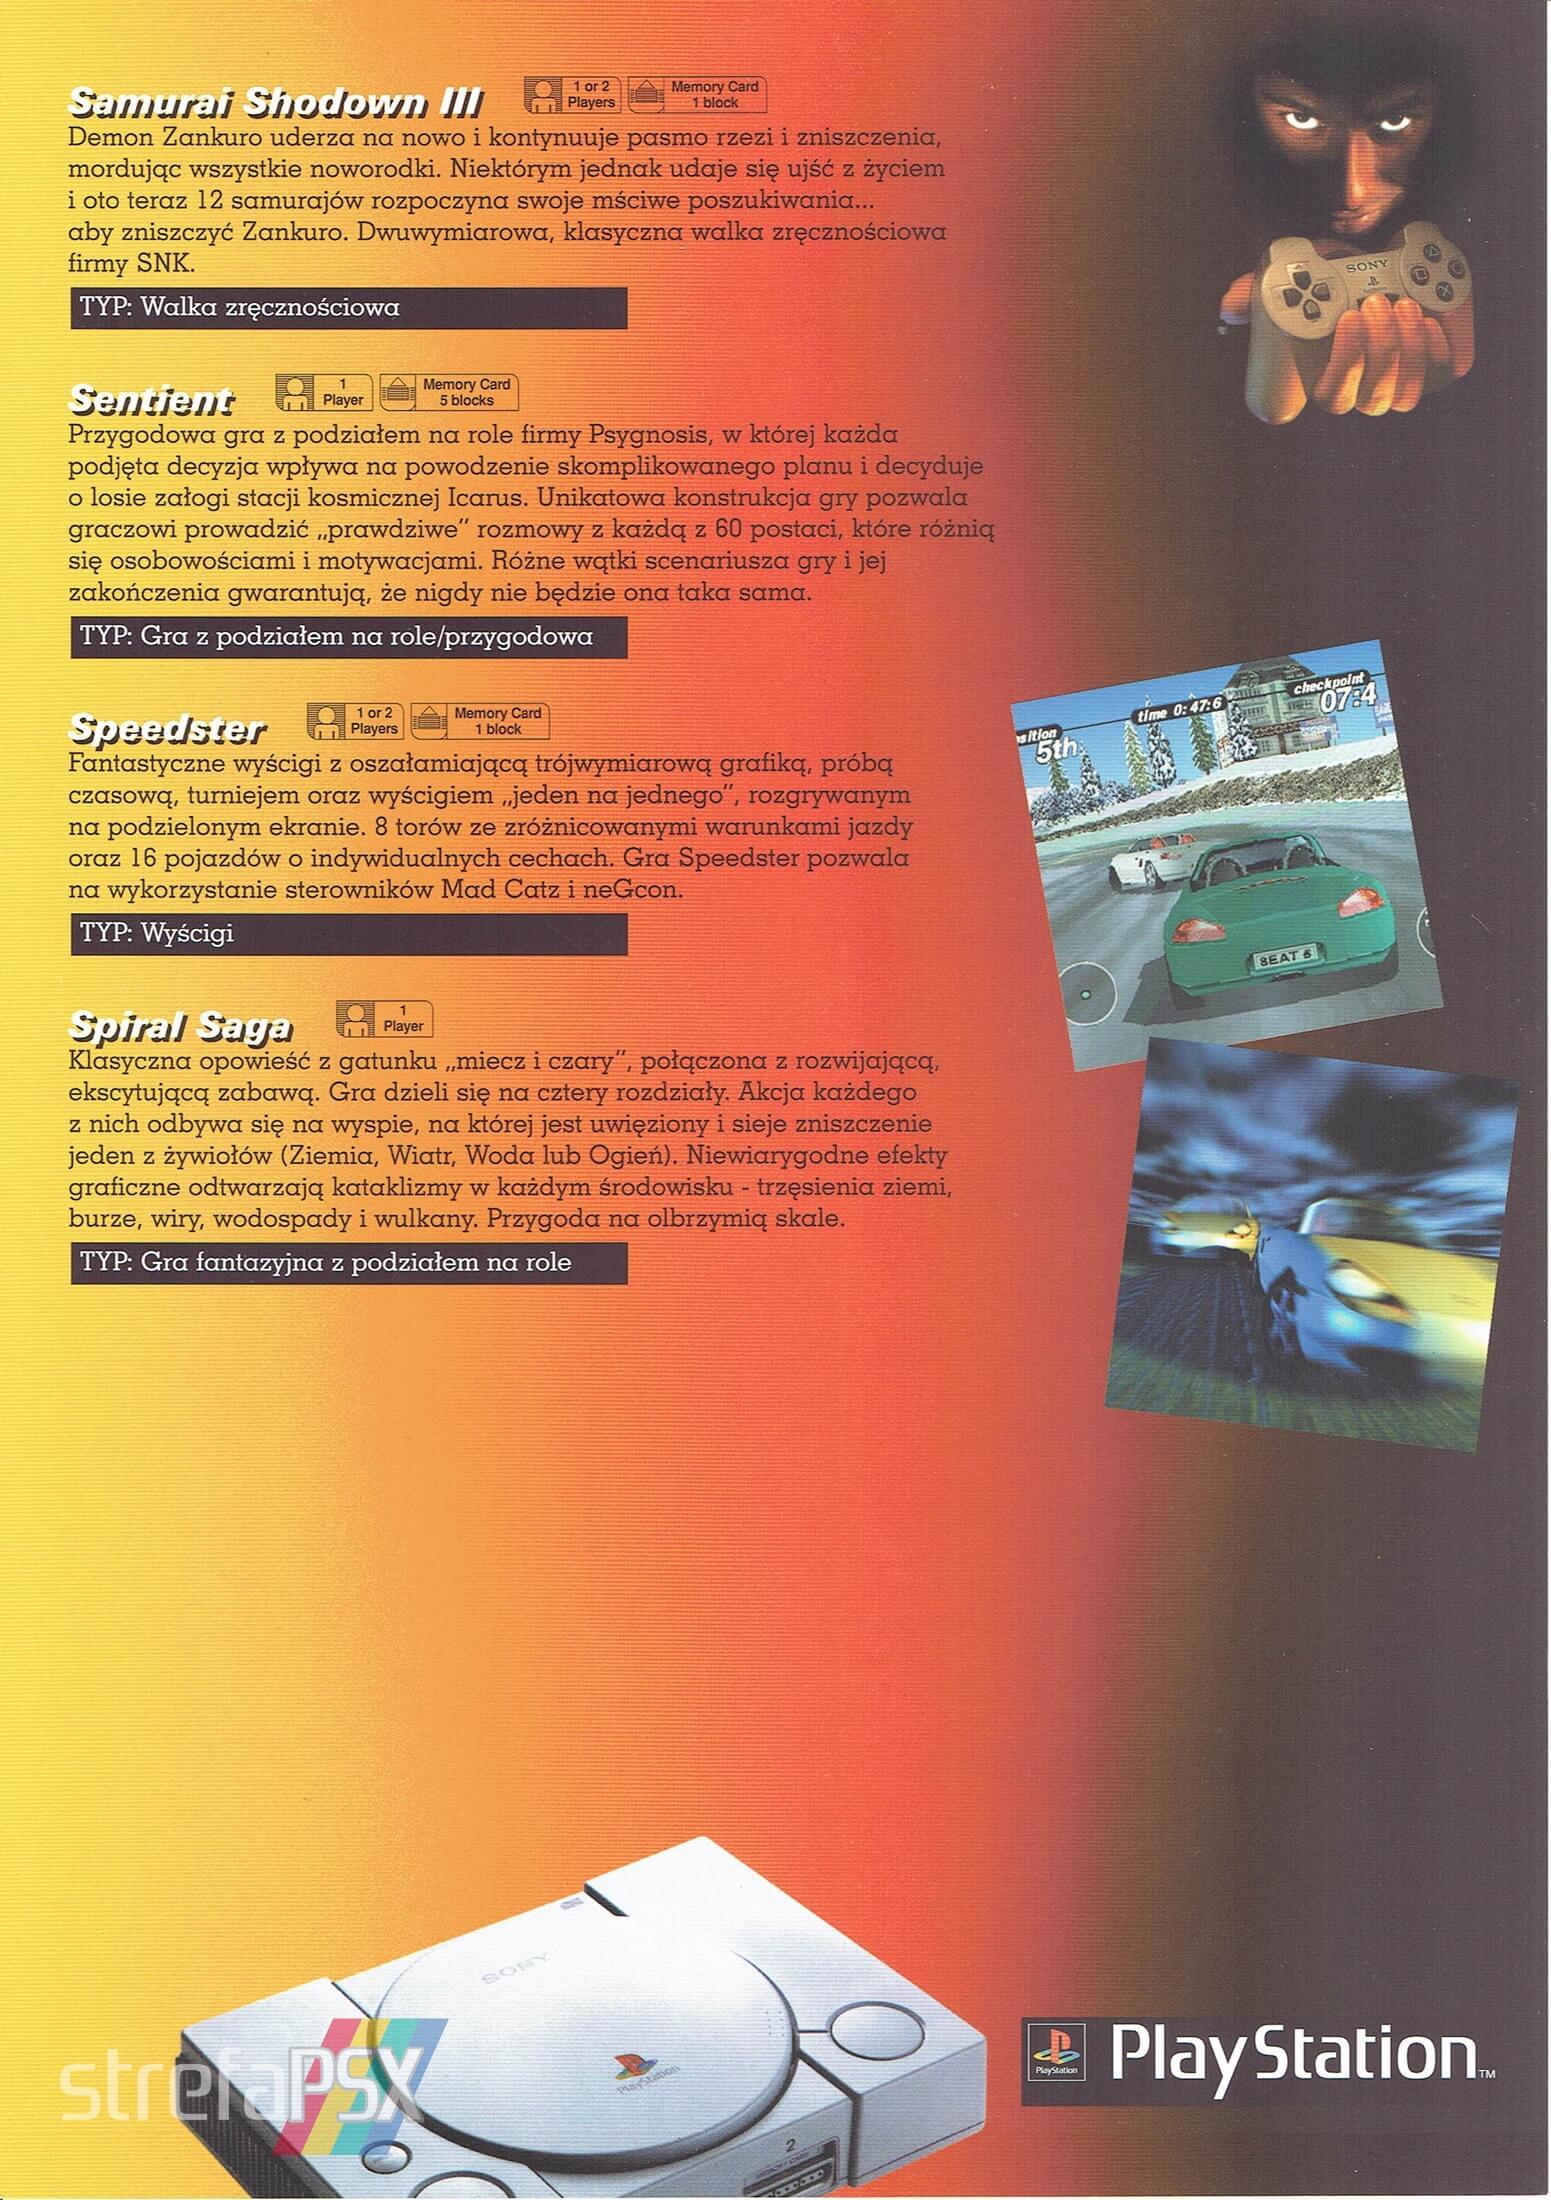 broszura reklamowa psx 09 - Broszury reklamowe PlayStation z dawnych lat